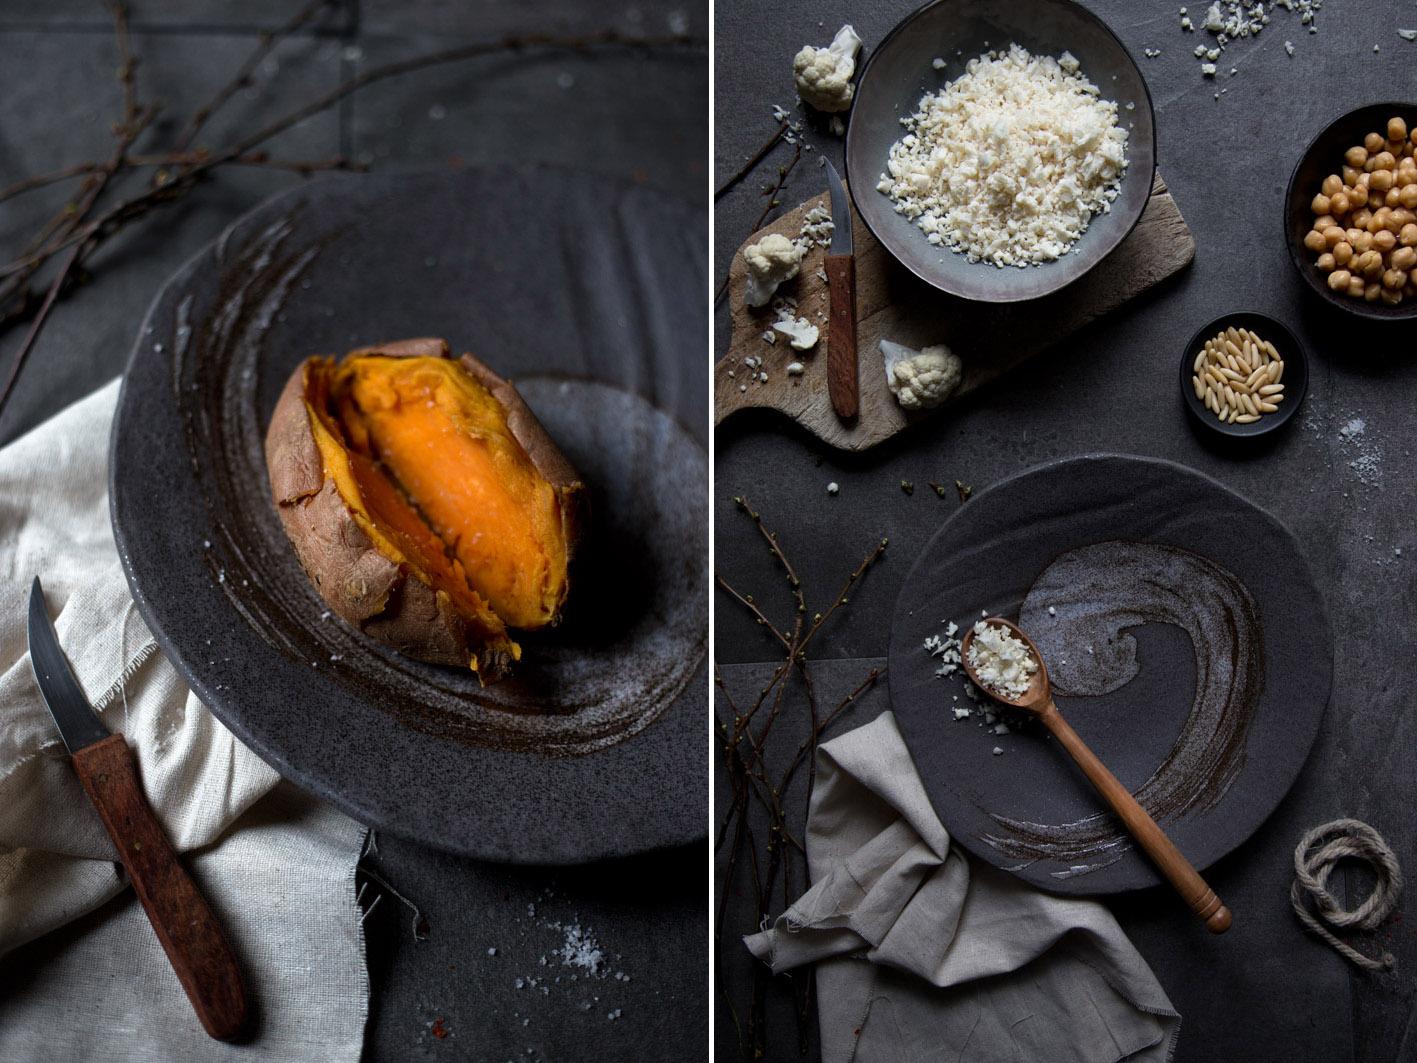 gefuellte suesskartoffel